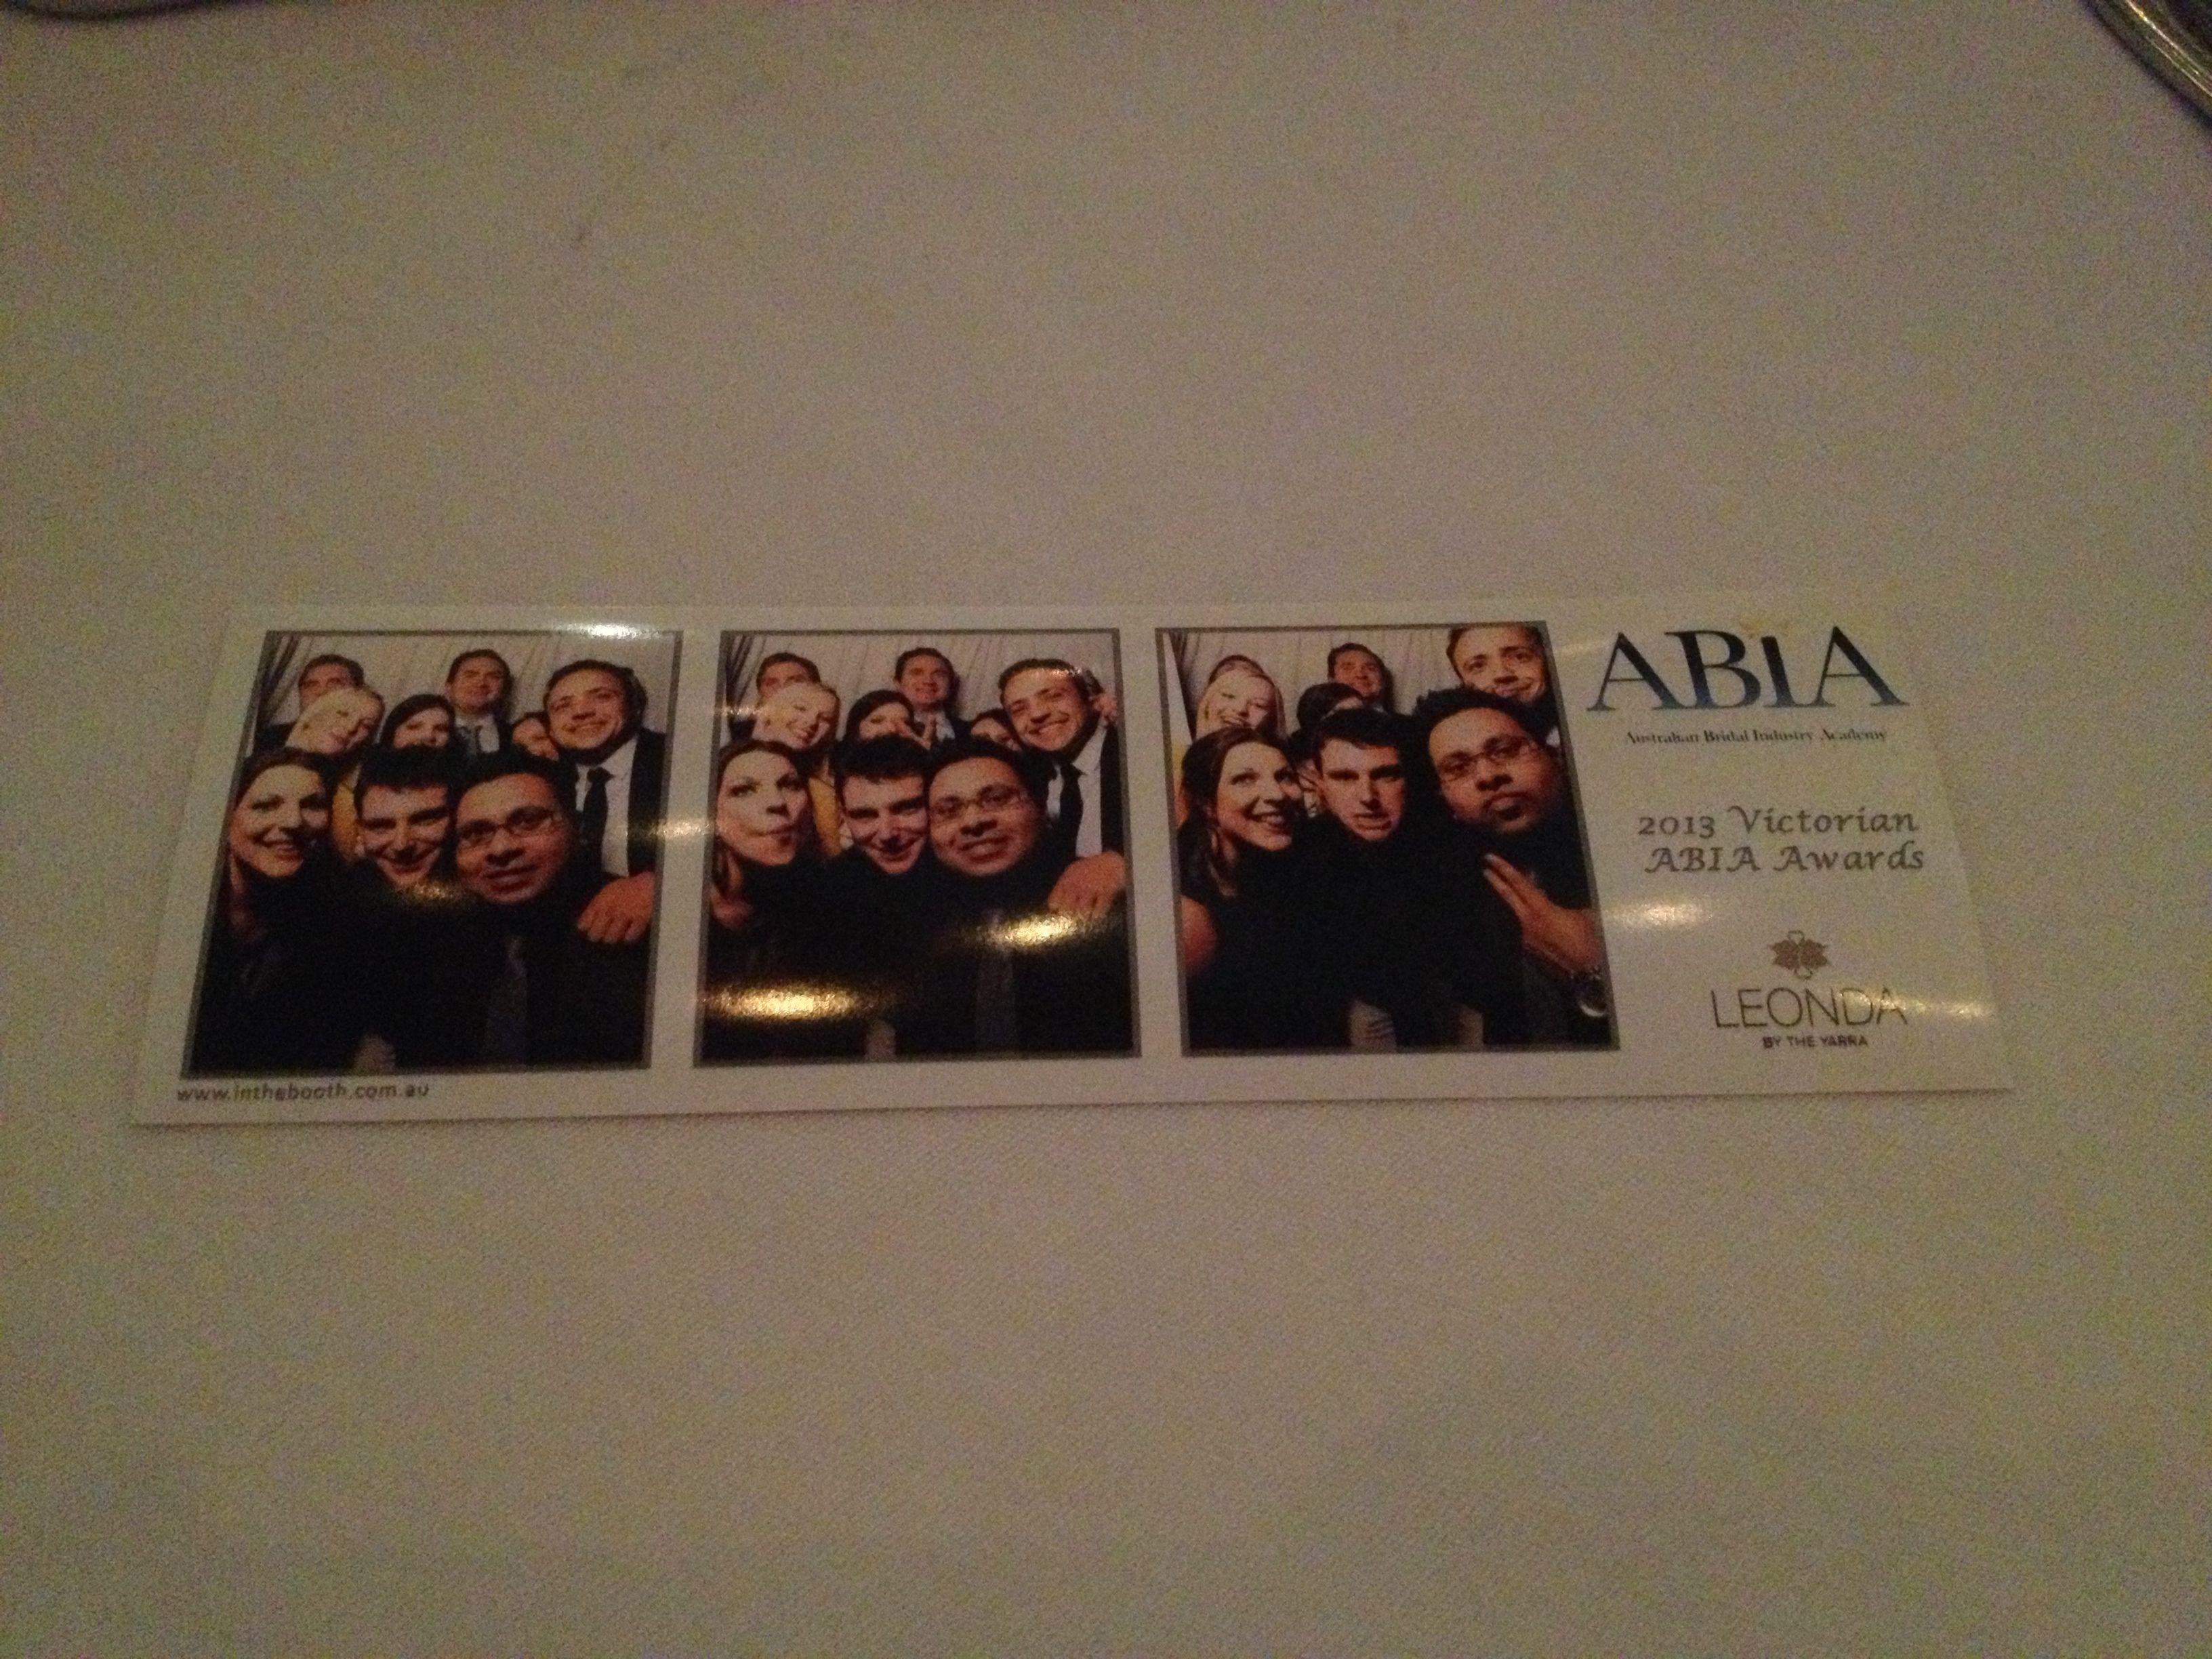 ABIA easterngolfglub abia Abia, Polaroid film, Film